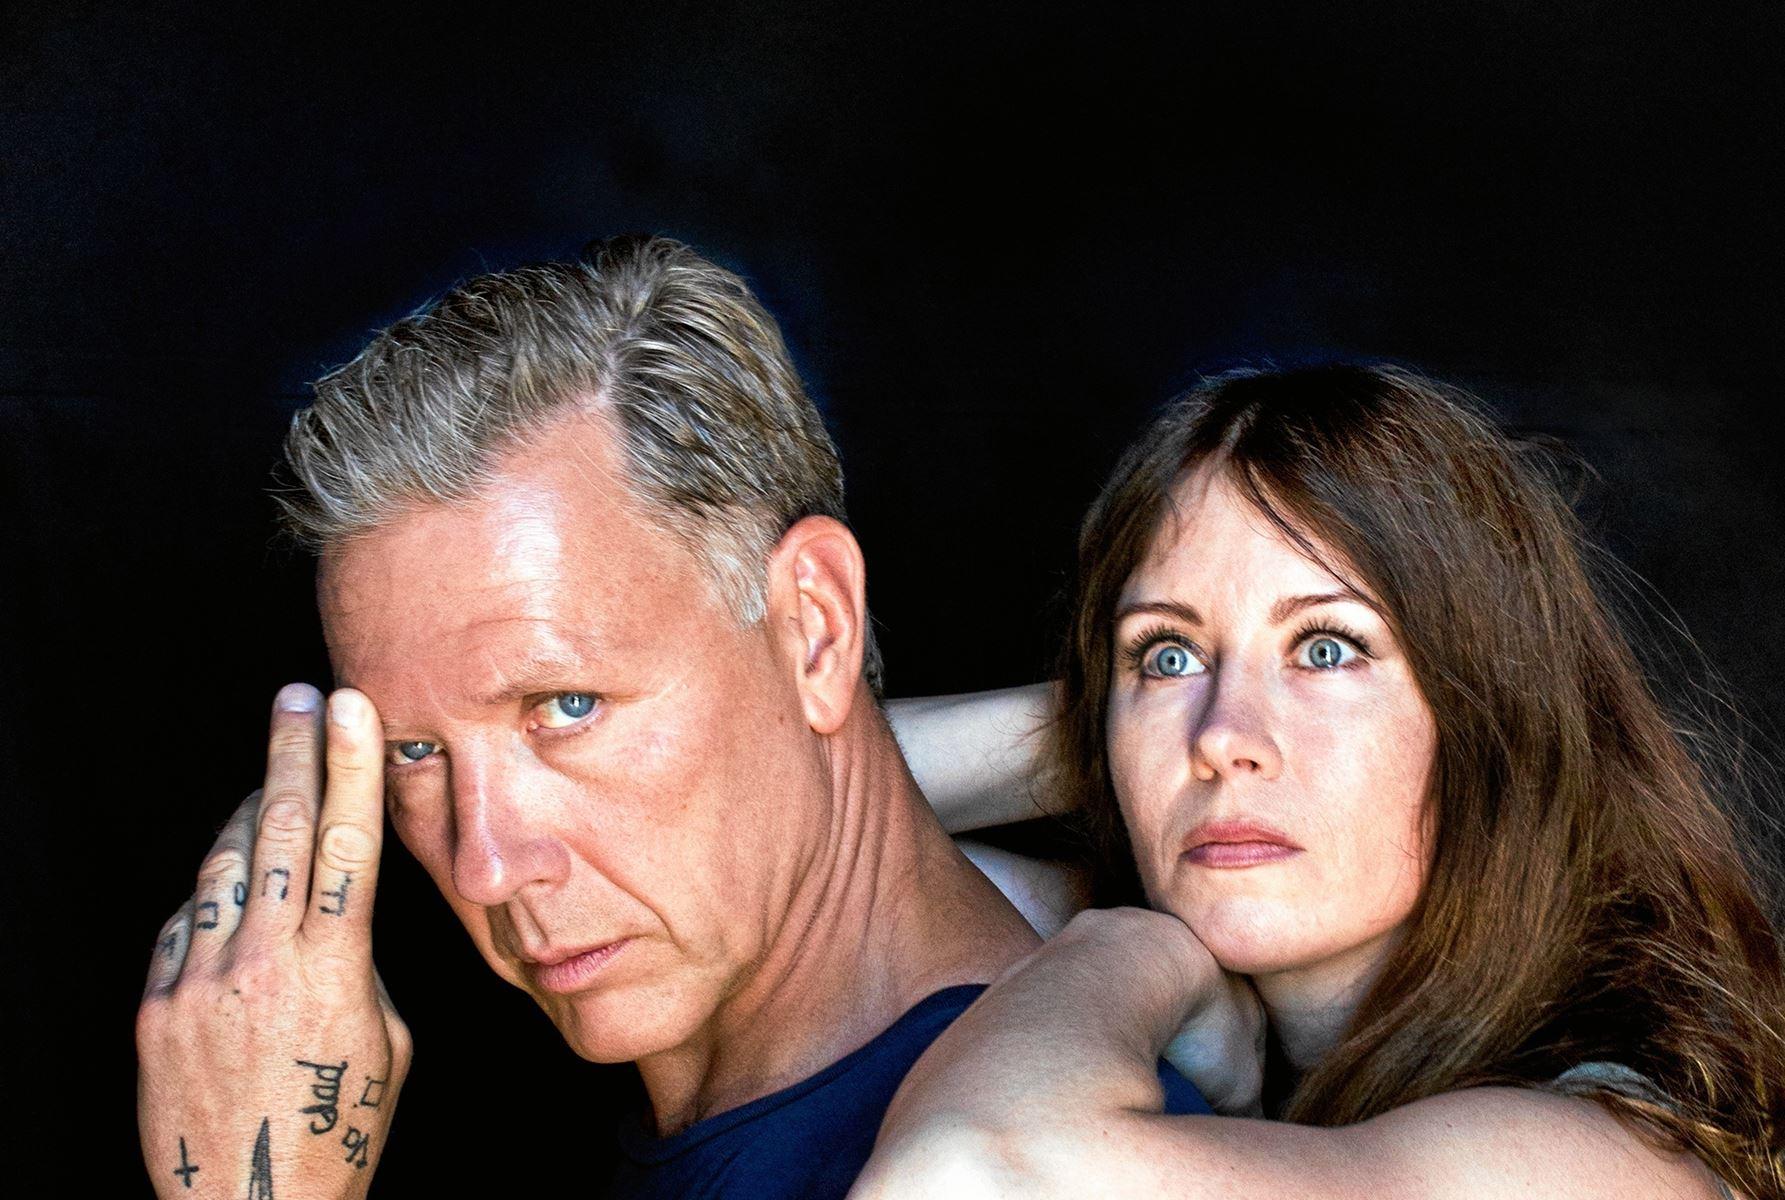 Den totalt grænseløse filminstruktør Anna Odell vil 'have' et 'kunstnerbarn' med den kendte svenske skuespiller i den eksperimenterende kunstfilm 'X&Y'